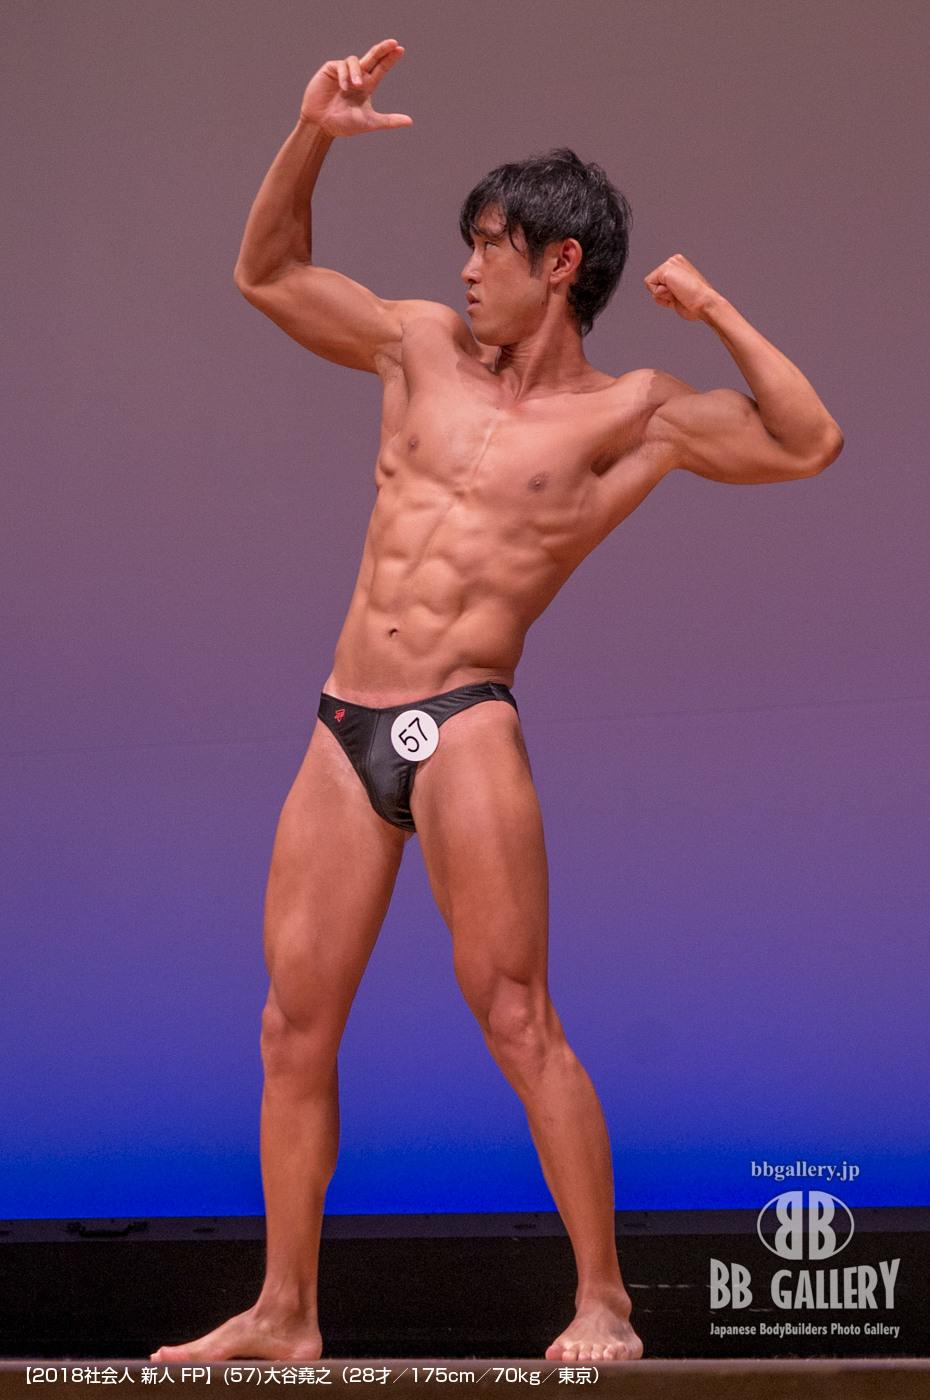 【2018社会人 新人 FP】(57)大谷堯之(28才/175cm/70kg/東京)